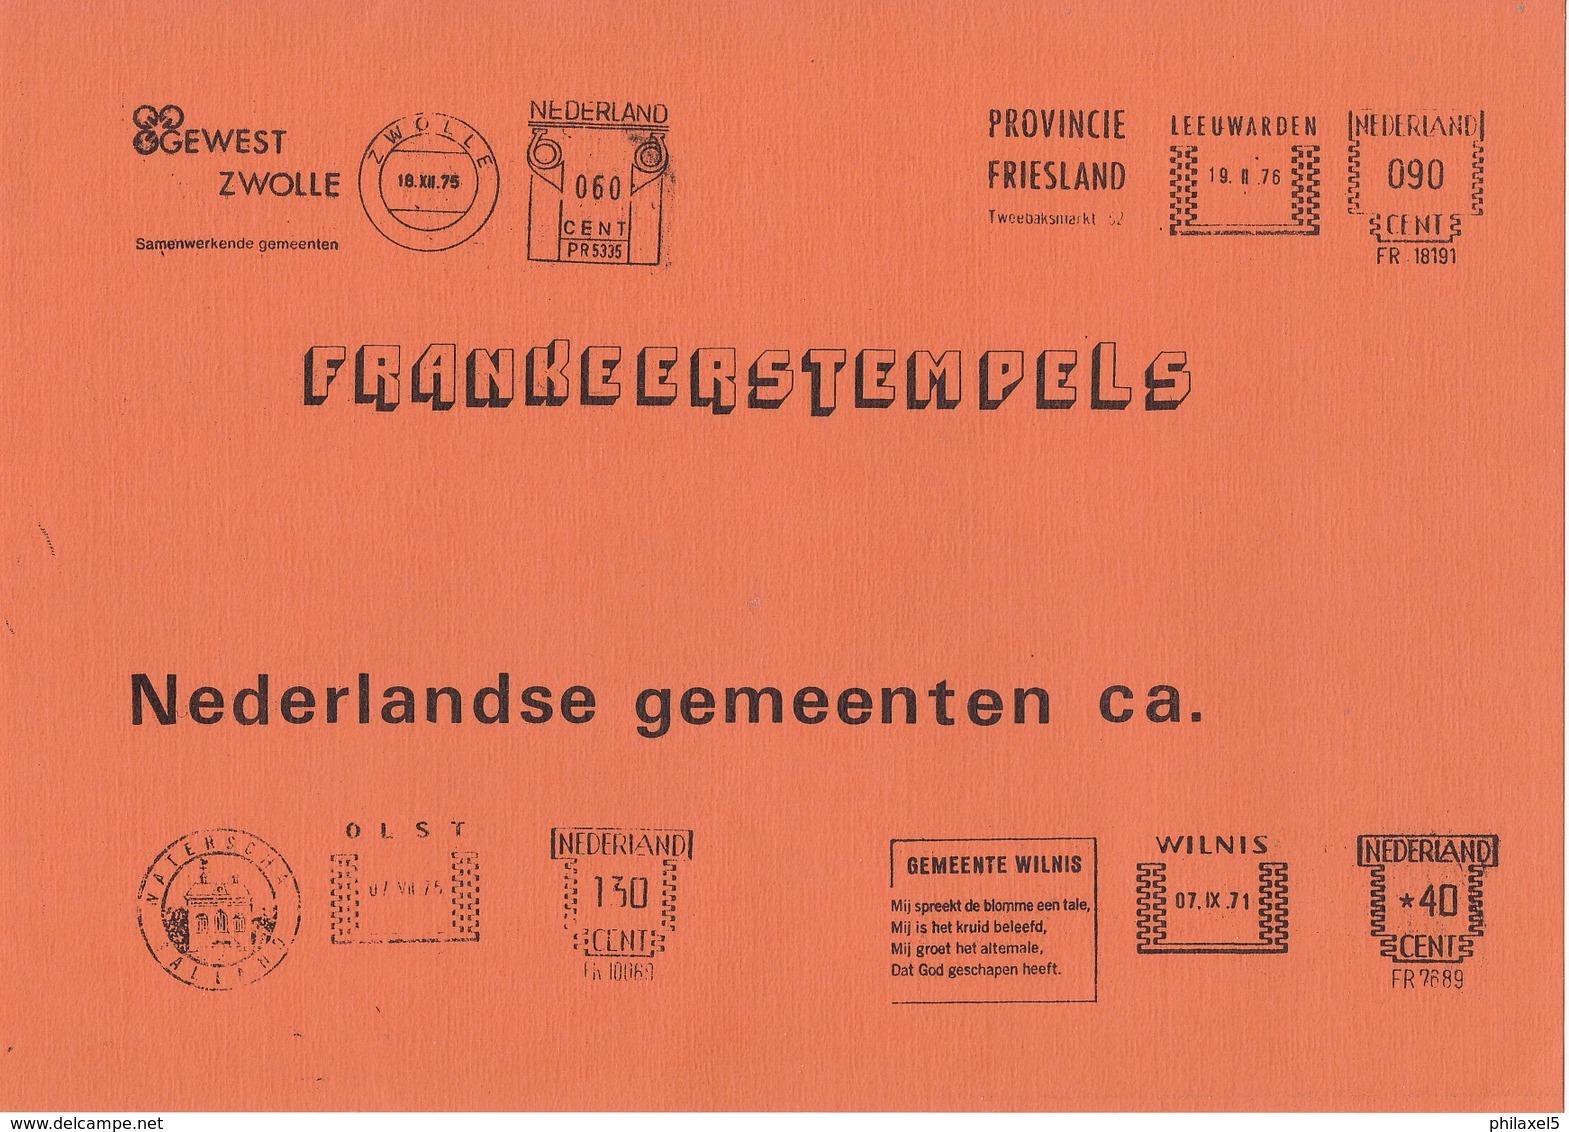 Nederland - D, Veenstra - Frankeerstempels Nederlandse Gemeenten C.a. - 1978/1979 - 2 Delen - Nieuw Exemplaar - Nederland